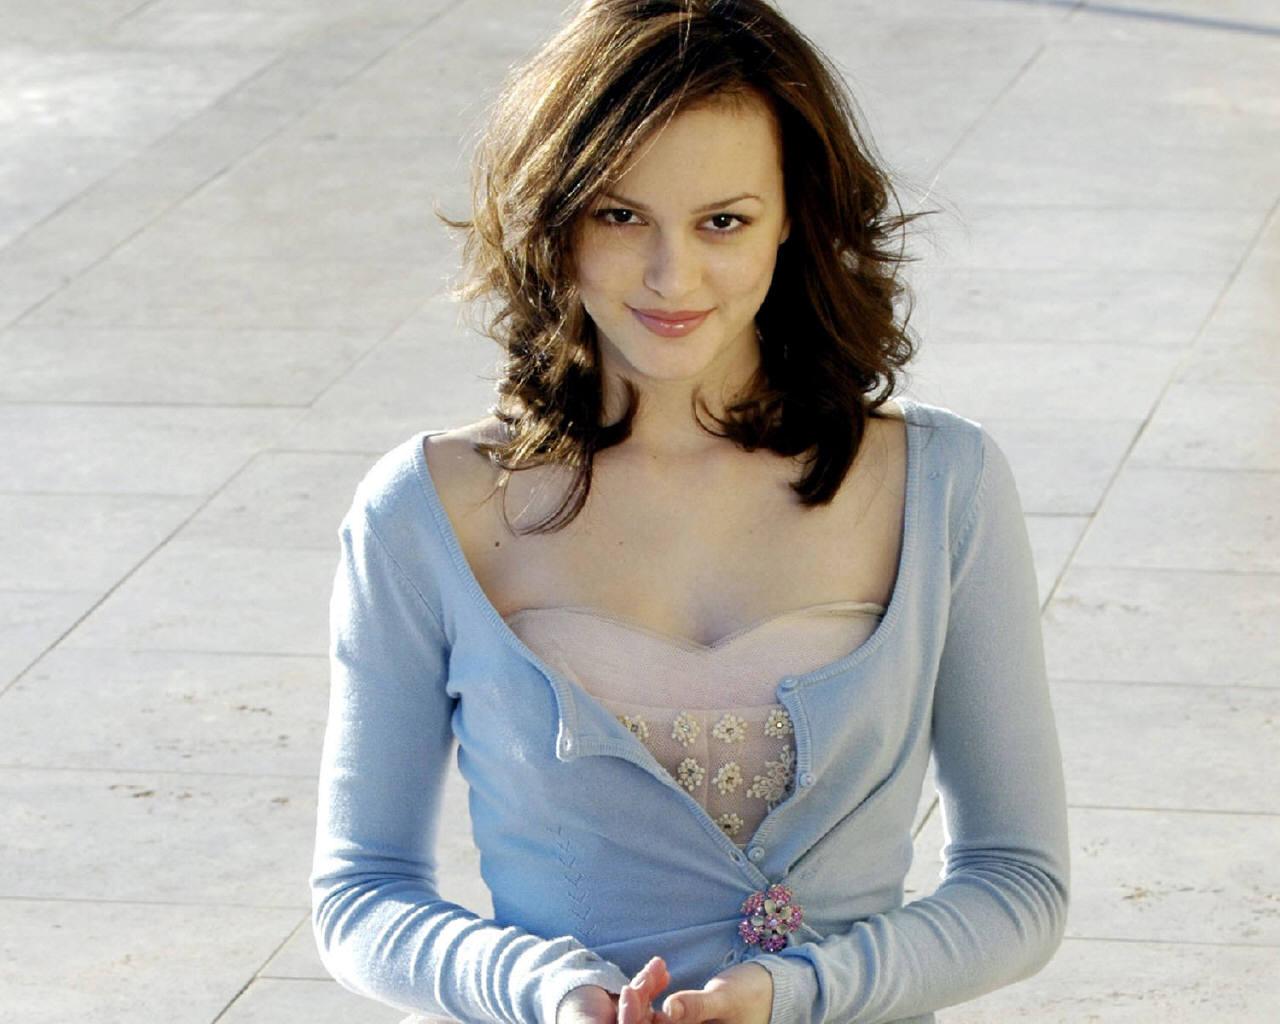 http://4.bp.blogspot.com/_NkemokVqtZ8/TSC67h6lL7I/AAAAAAAAABc/-Vx89mq54rc/s1600/1287732551_1280x1024_sweet-leighton-meester-in-blue-coat.jpg